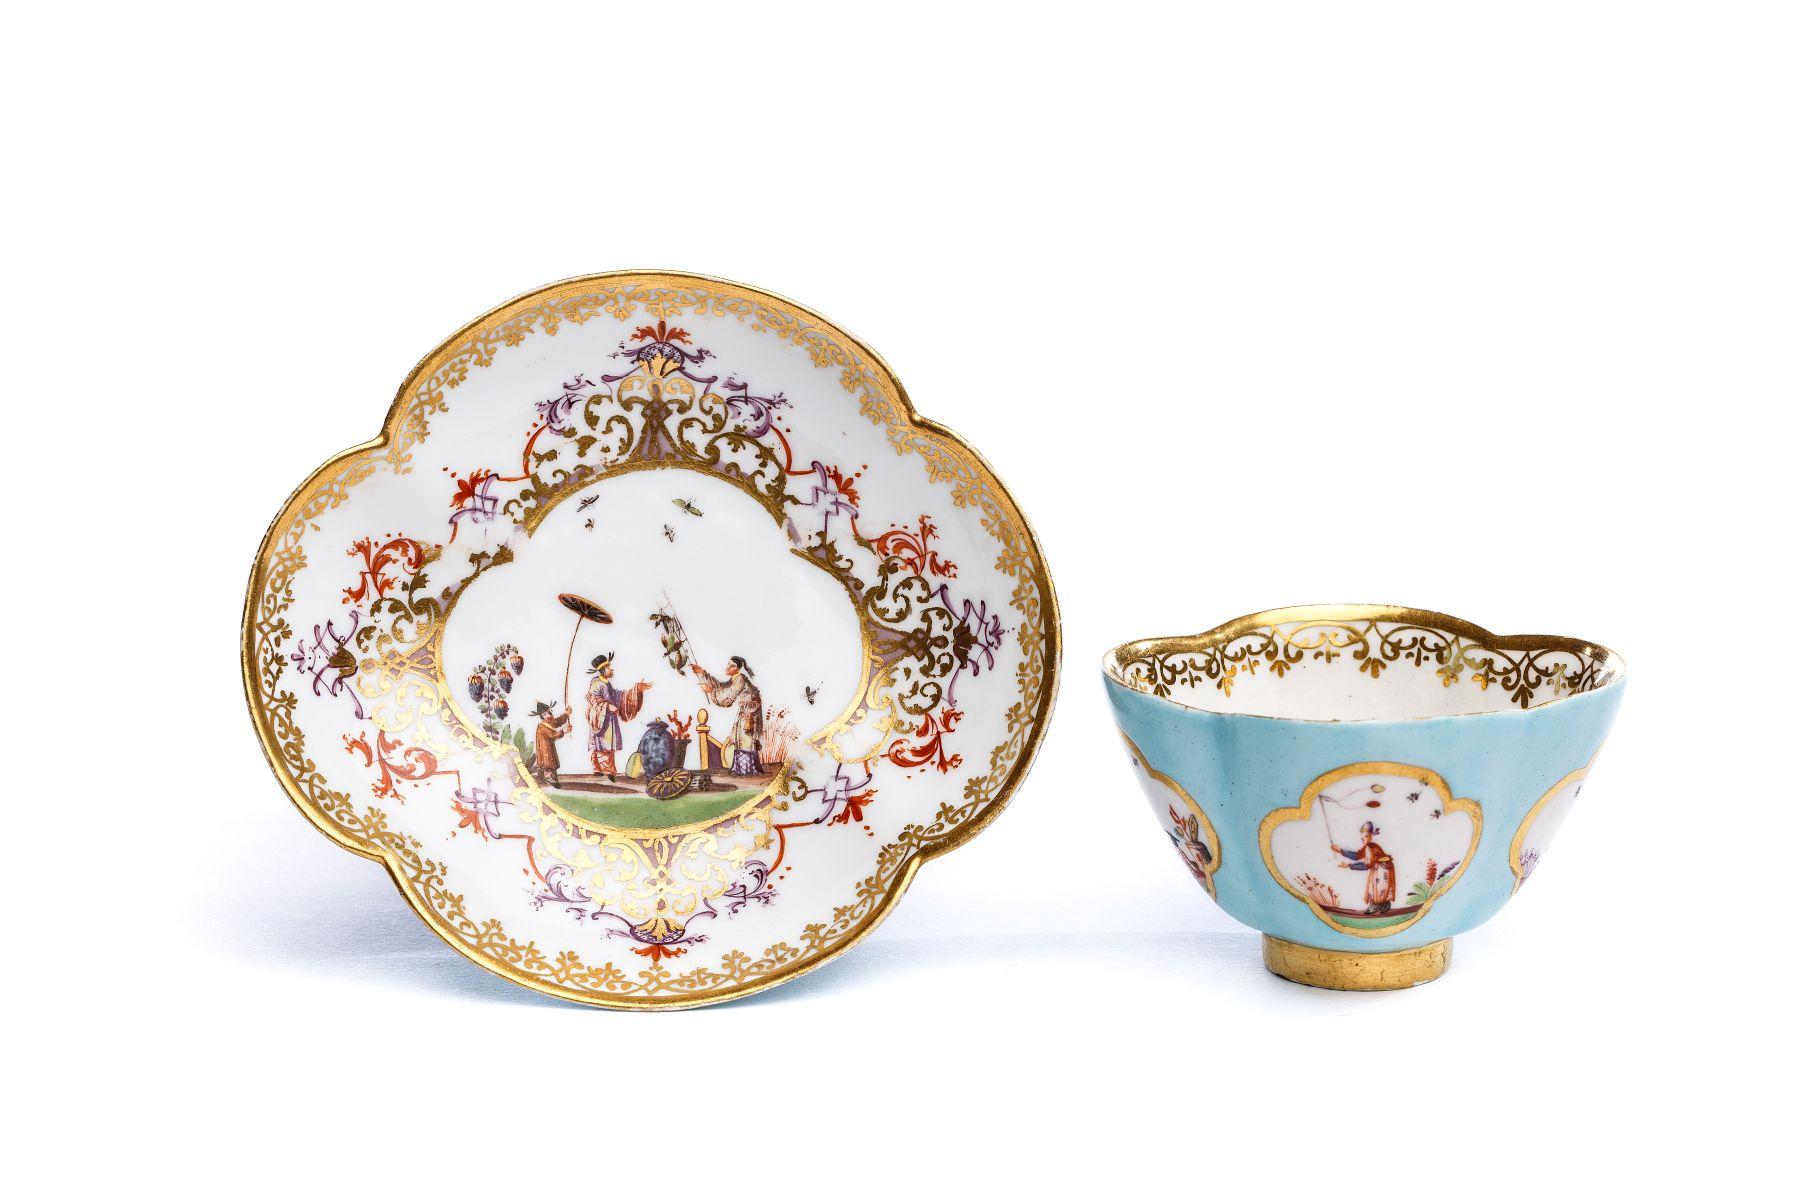 #15 Bowl with saucer, Meissen 1720/30 | Koppchen mit Unterschale, Meissen 1720/30 Image